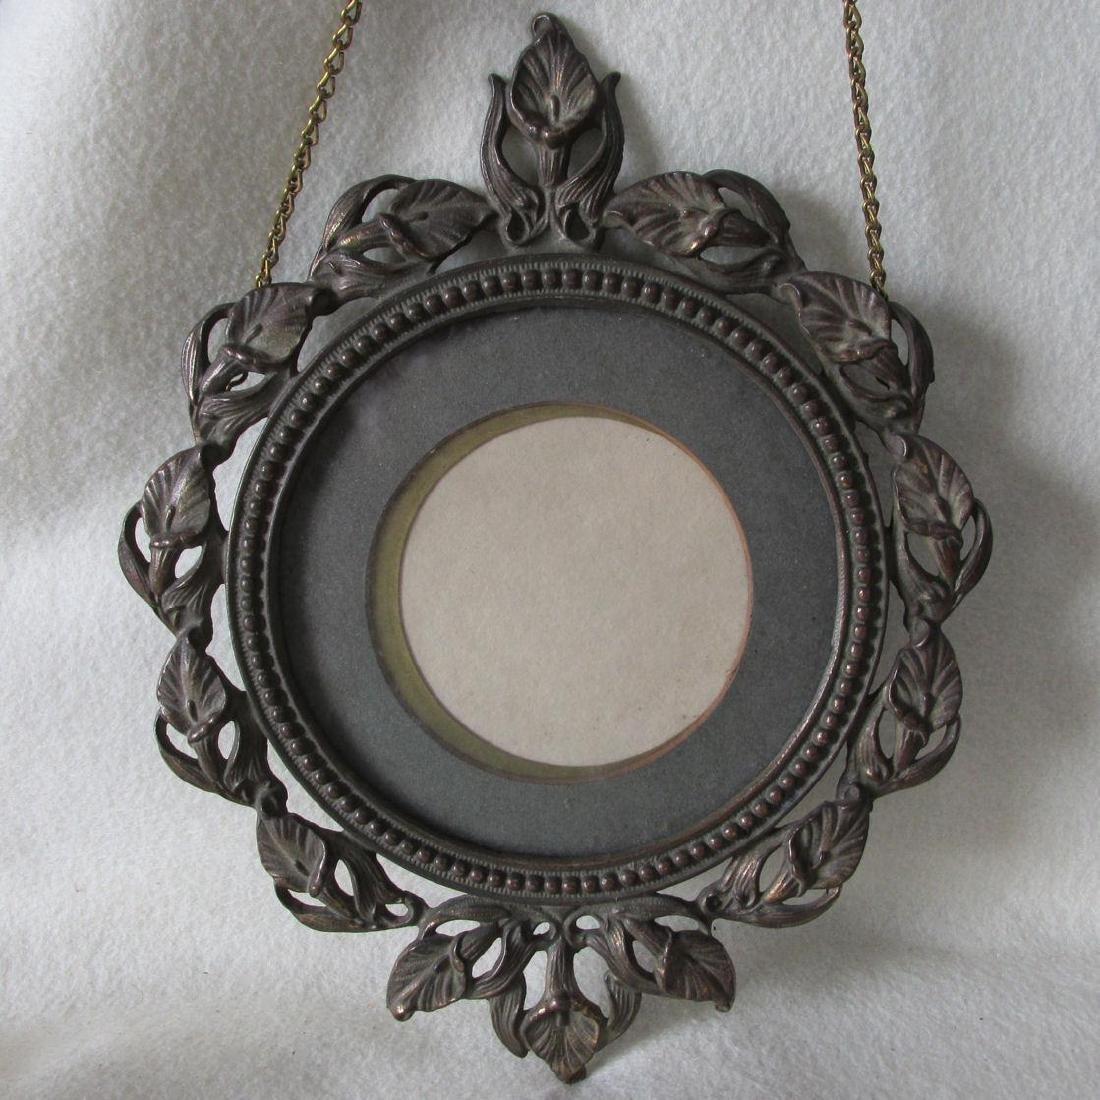 Antique Art Nouveau Hanging Picture Frame - 2